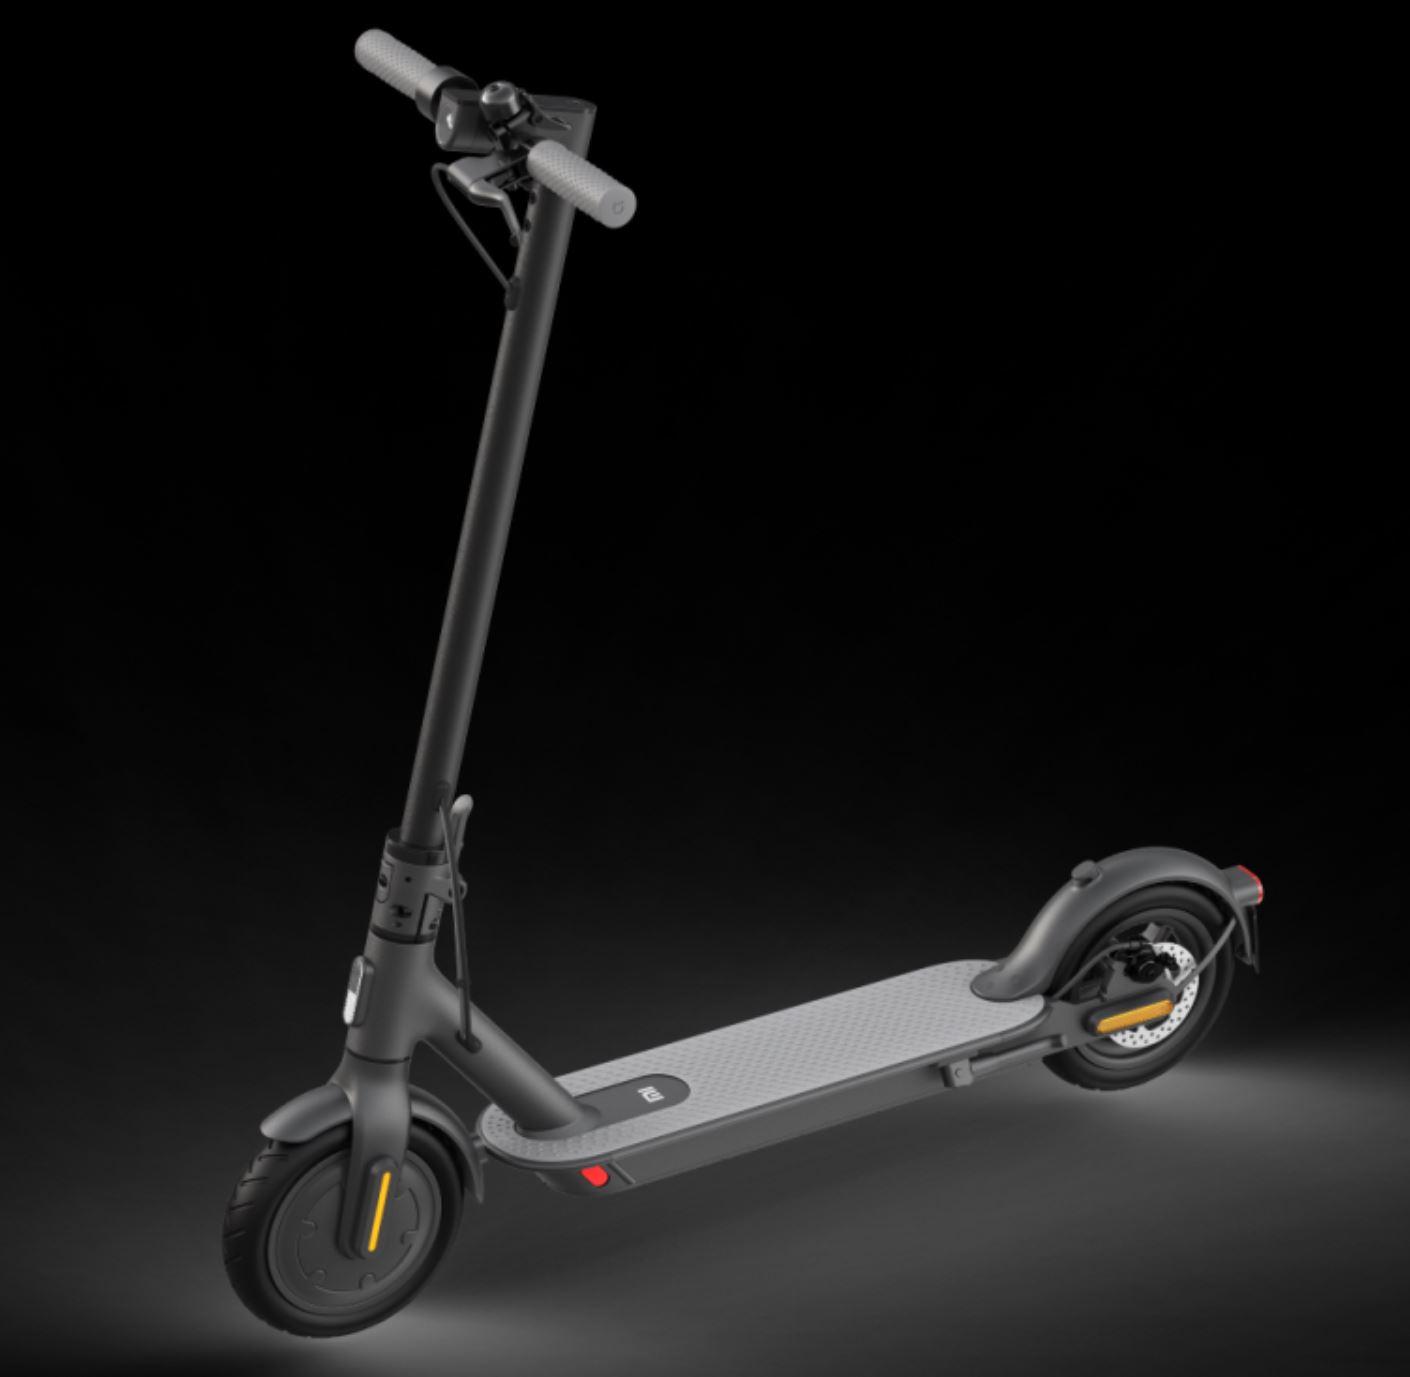 TOP 10 hulajnóg elektrycznych - ranking - Xiaomi Mi Electric Scooter 1S